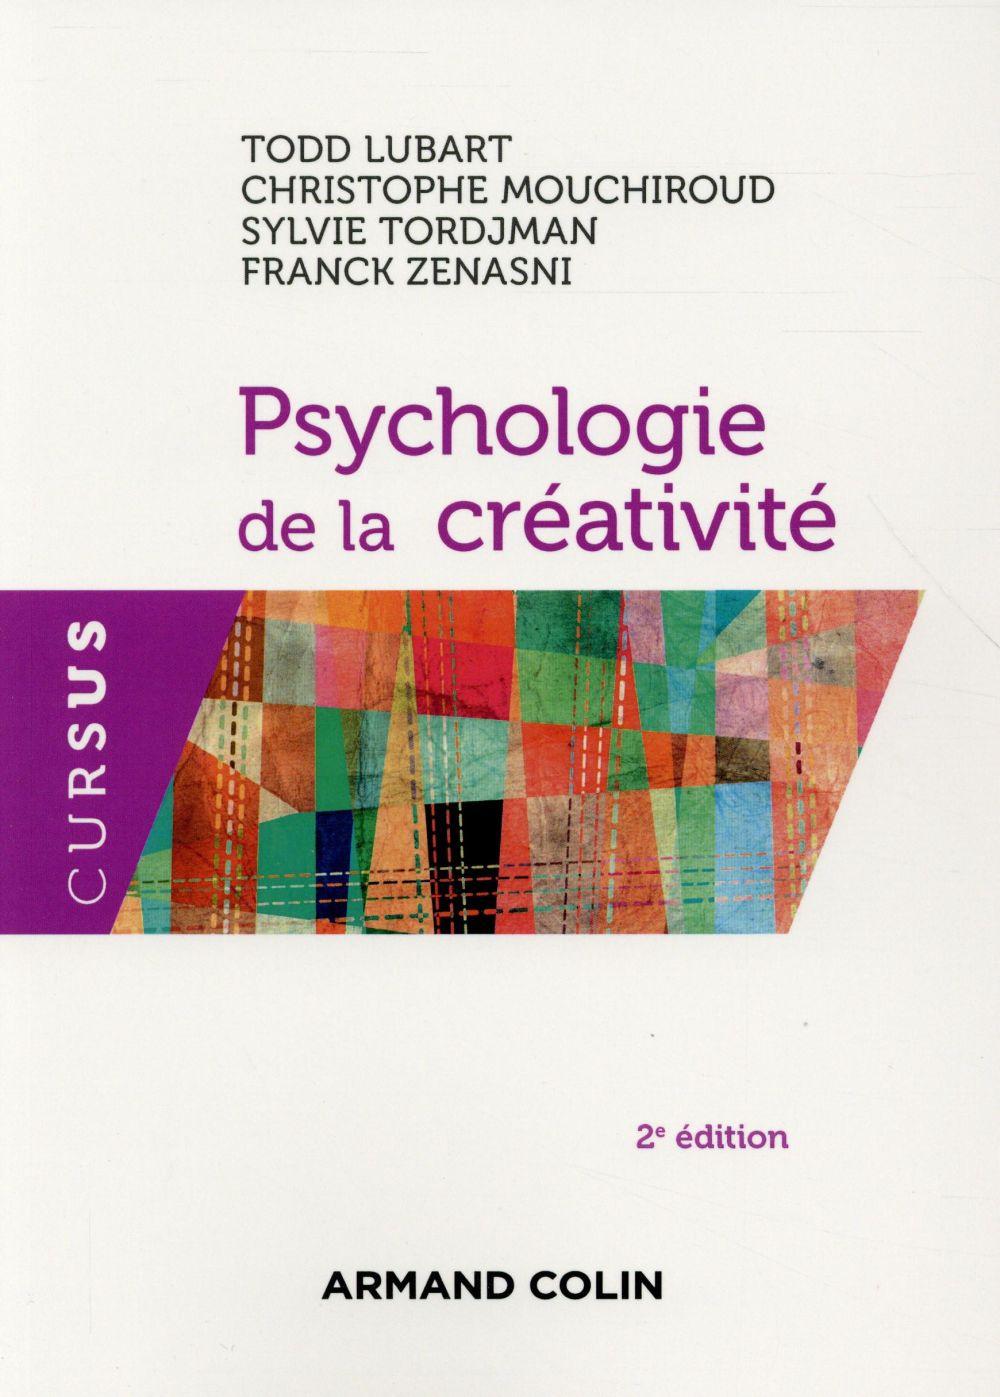 Psychologie de la créativité